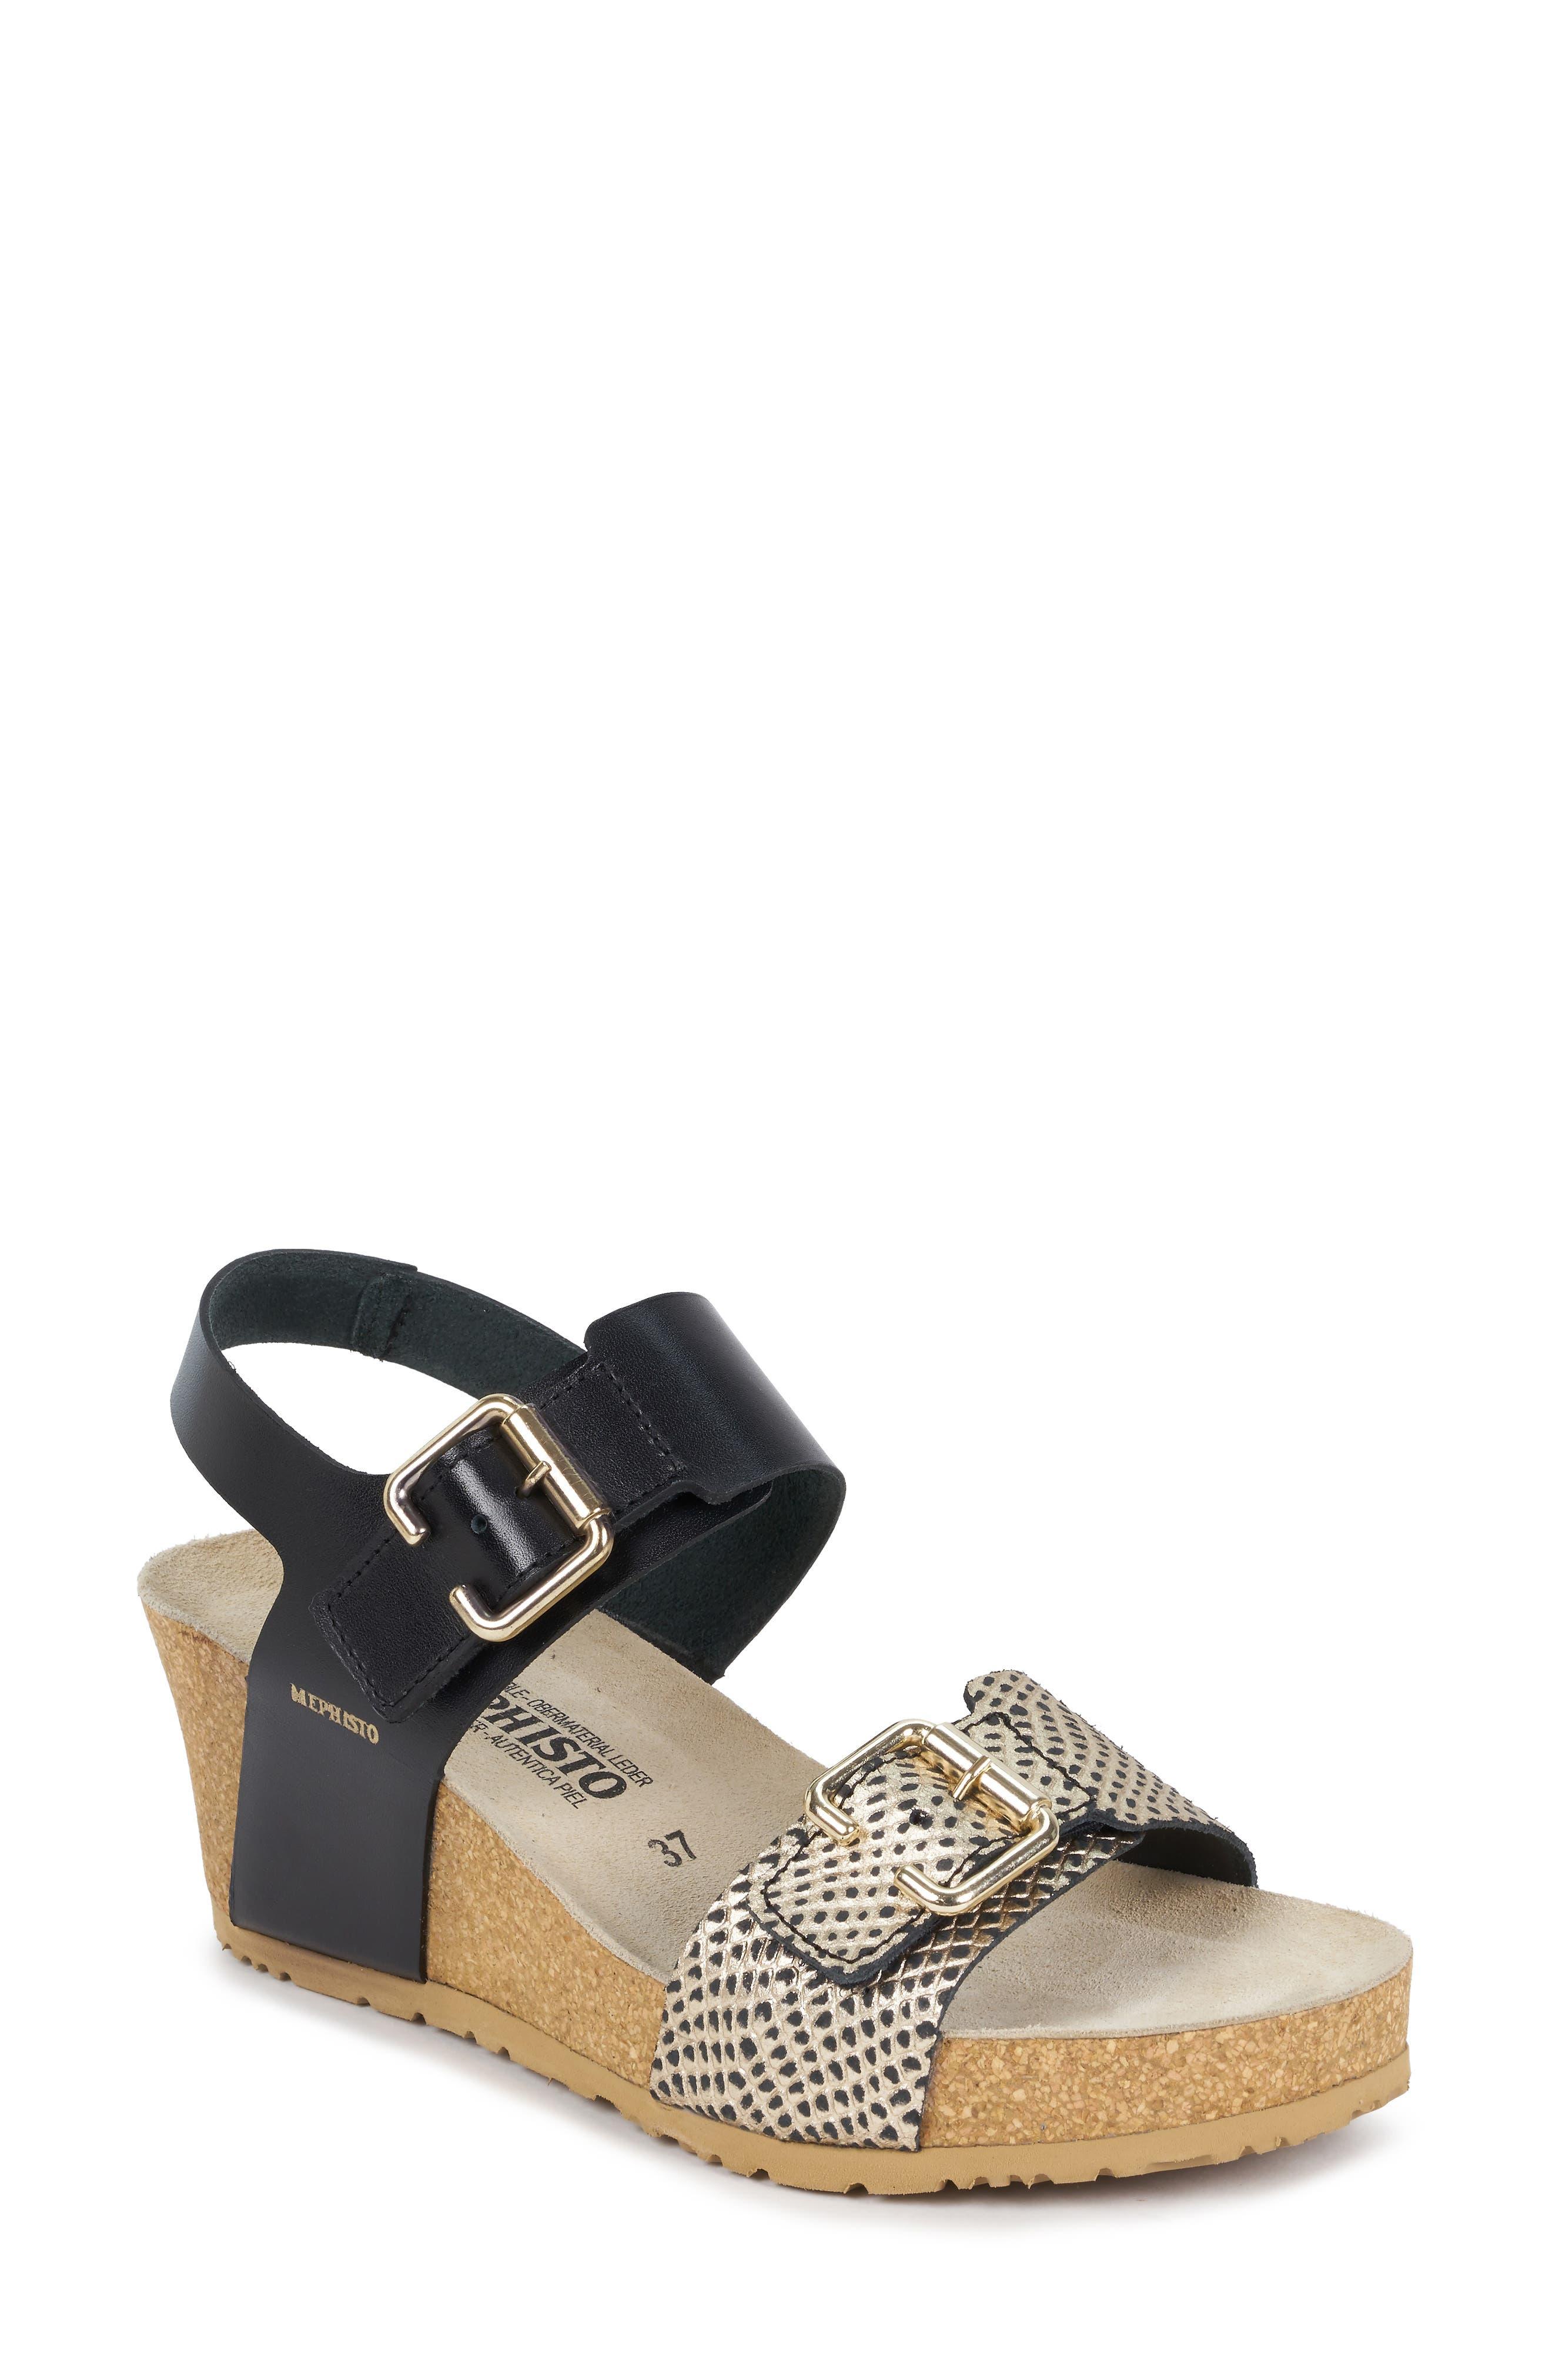 Lissandra Platform Wedge Sandal,                         Main,                         color, BLACK/ GOLD LEATHER